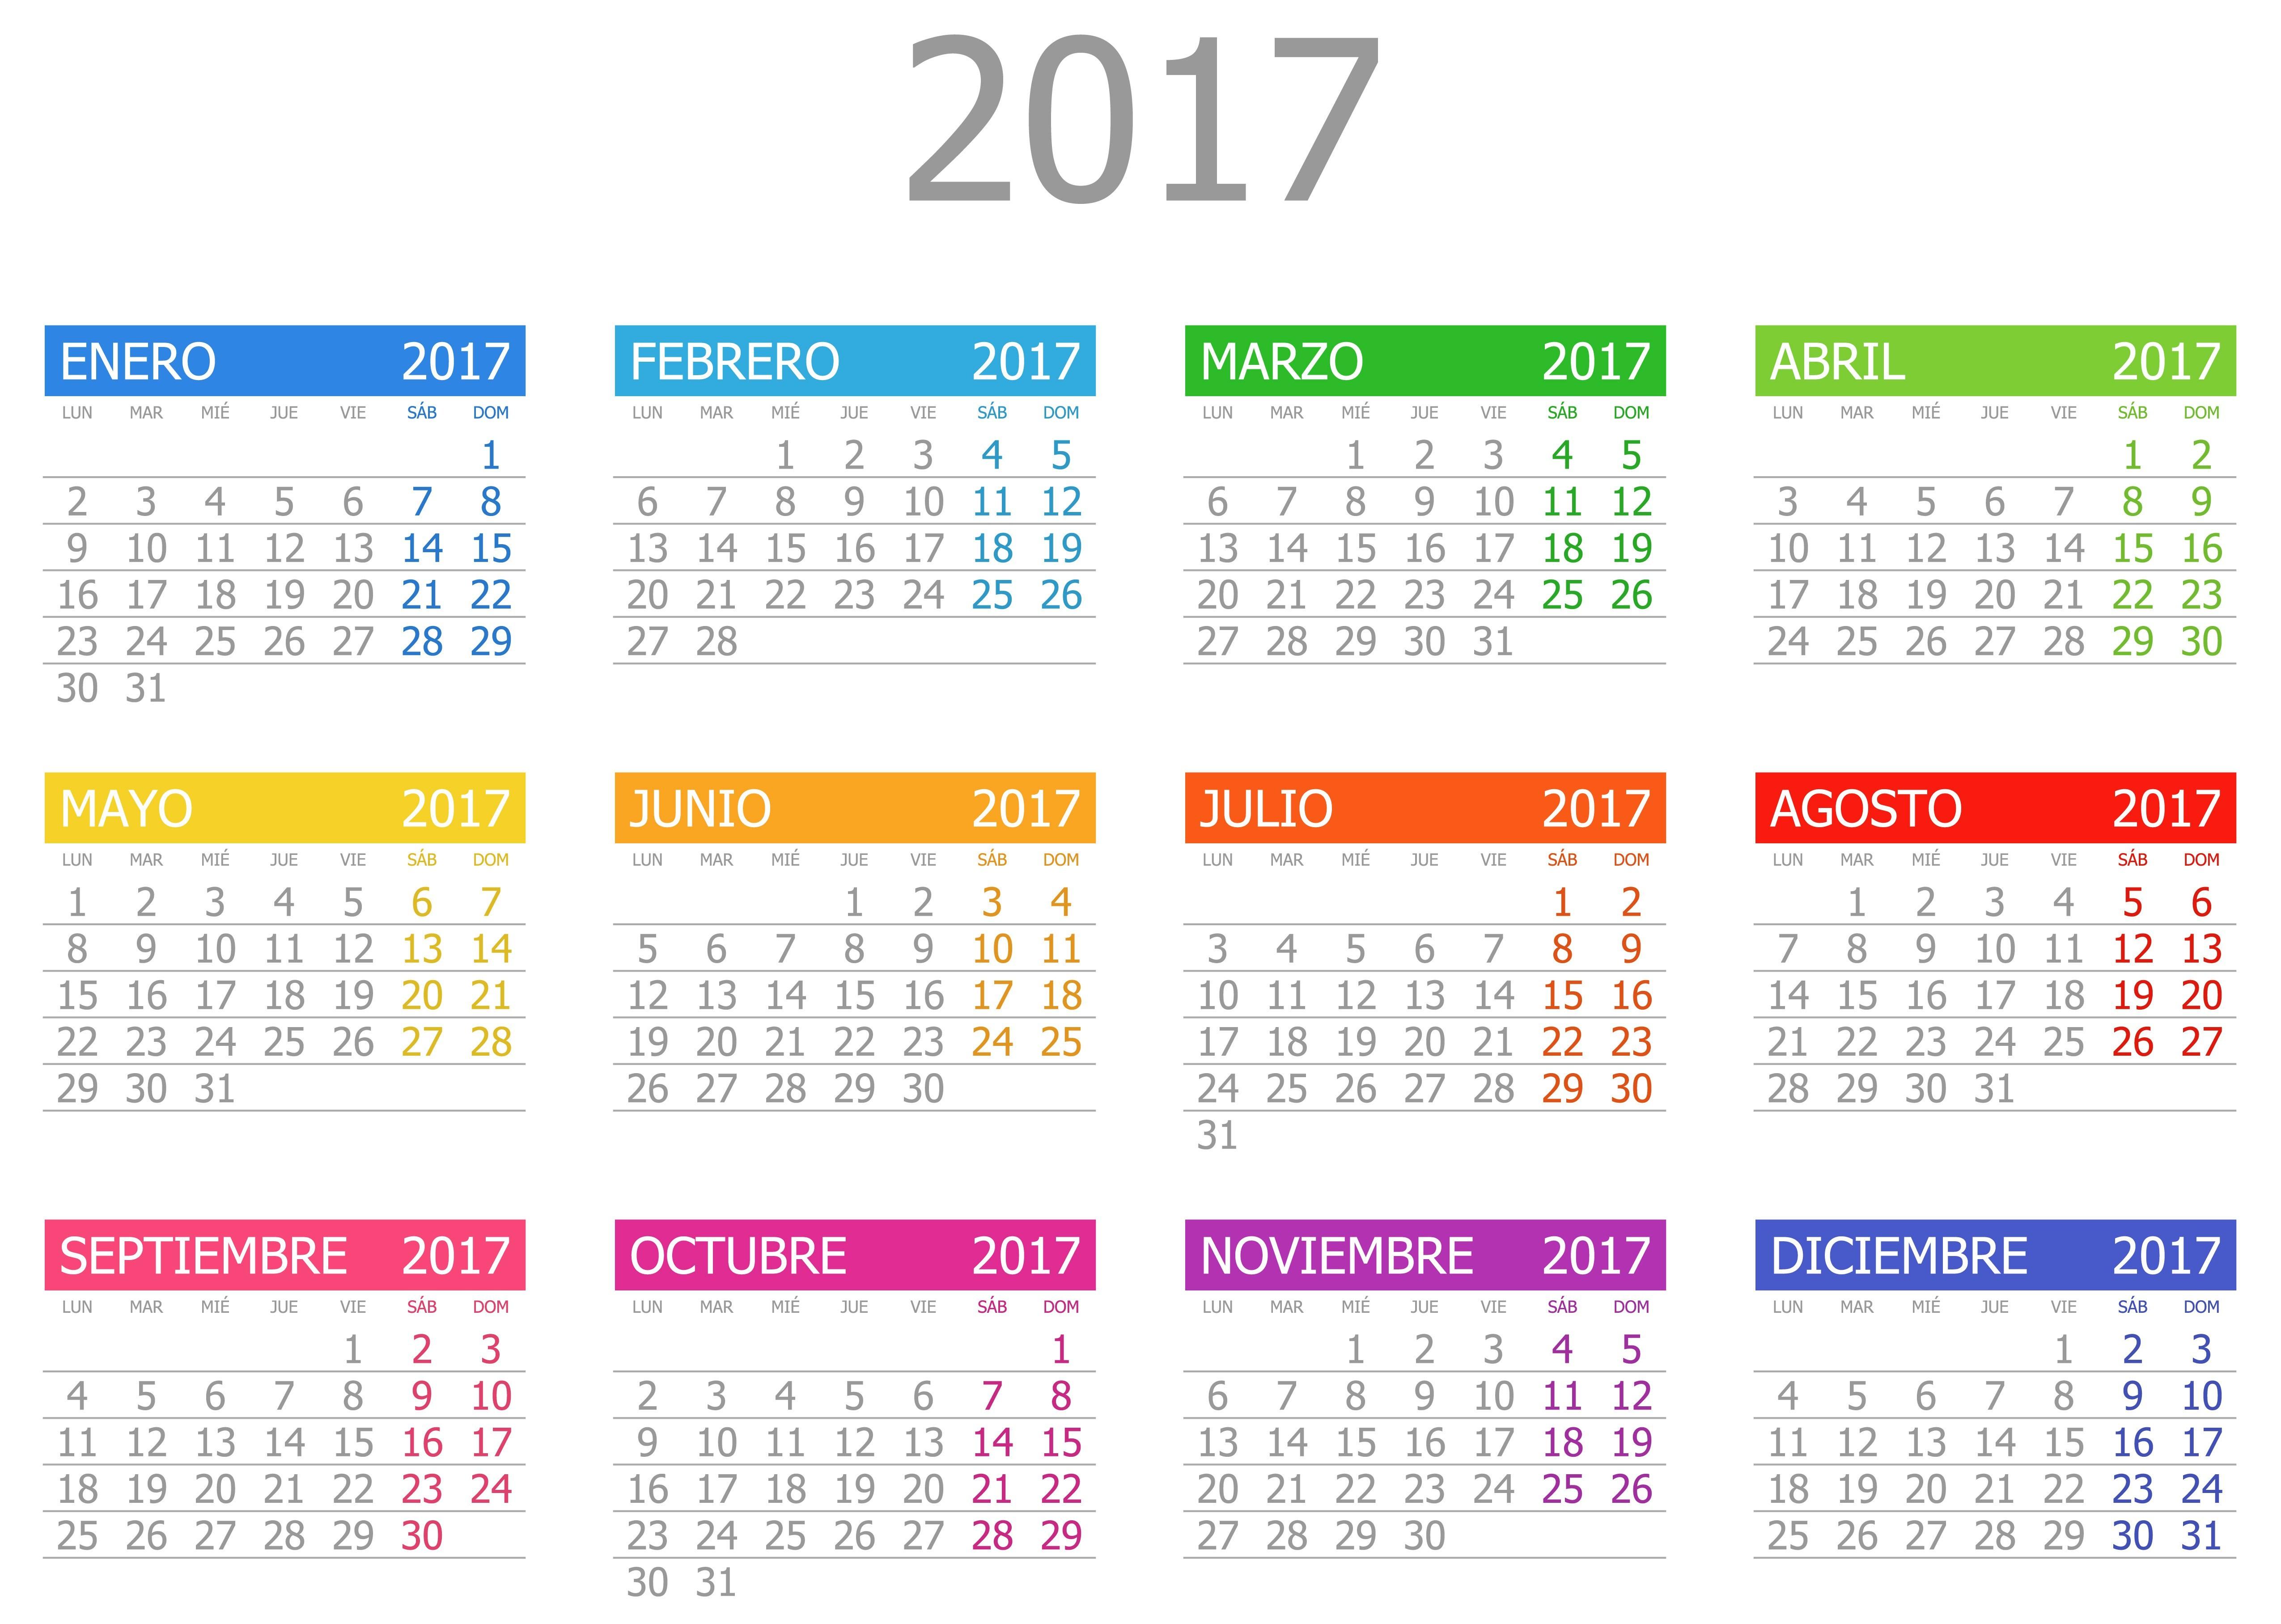 Calendario Semanal Para Imprimir 2017 Más Arriba-a-fecha Calendario En Ingles Para Nios Amazing Descarga Nuestra Ficha Of Calendario Semanal Para Imprimir 2017 Mejores Y Más Novedosos Agenda A5